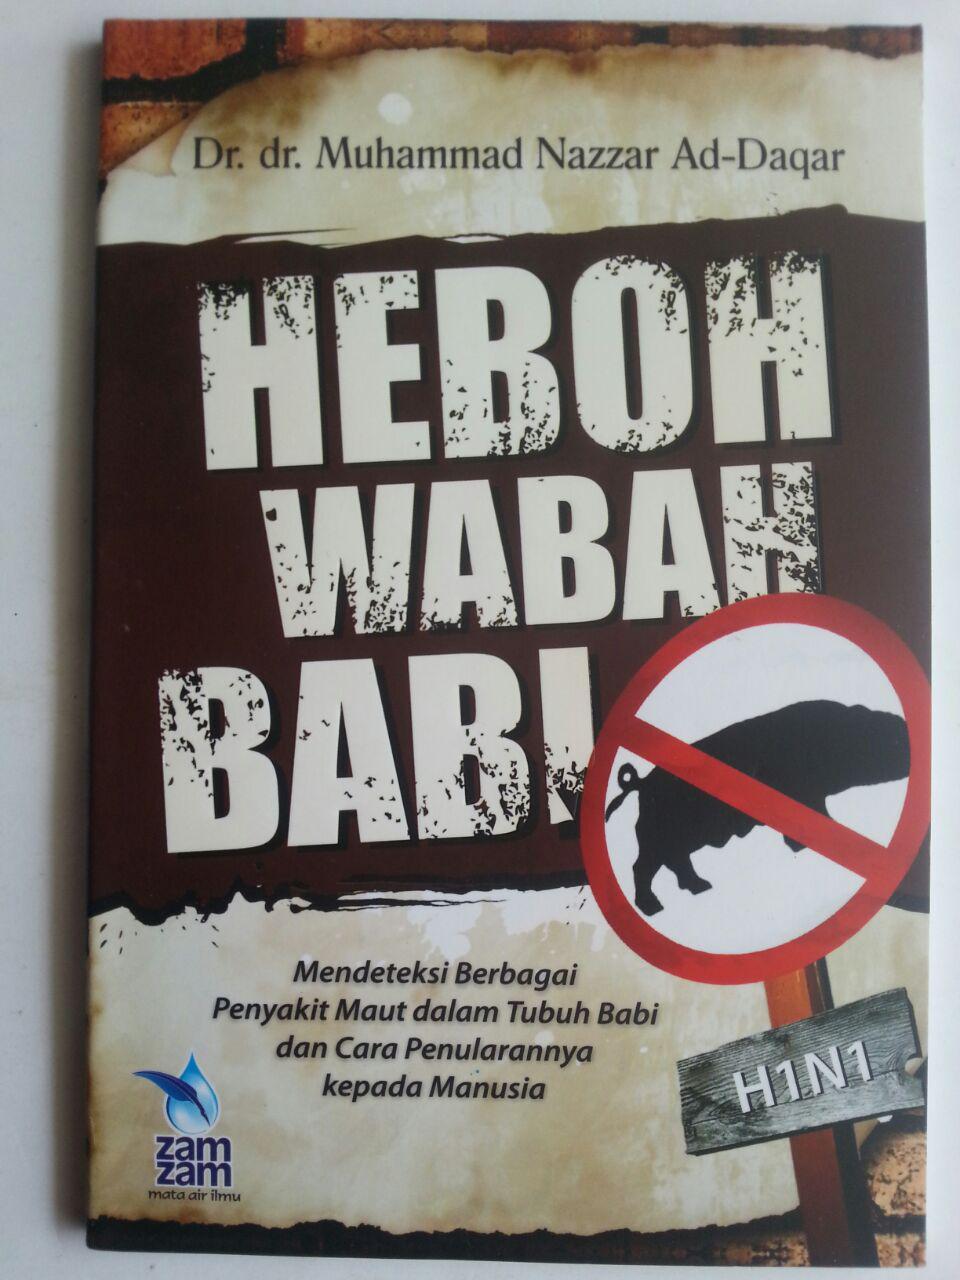 Buku Heboh Wabah Babi Mendeteksi Berbagai Penyakit Dalam Babi cover 2